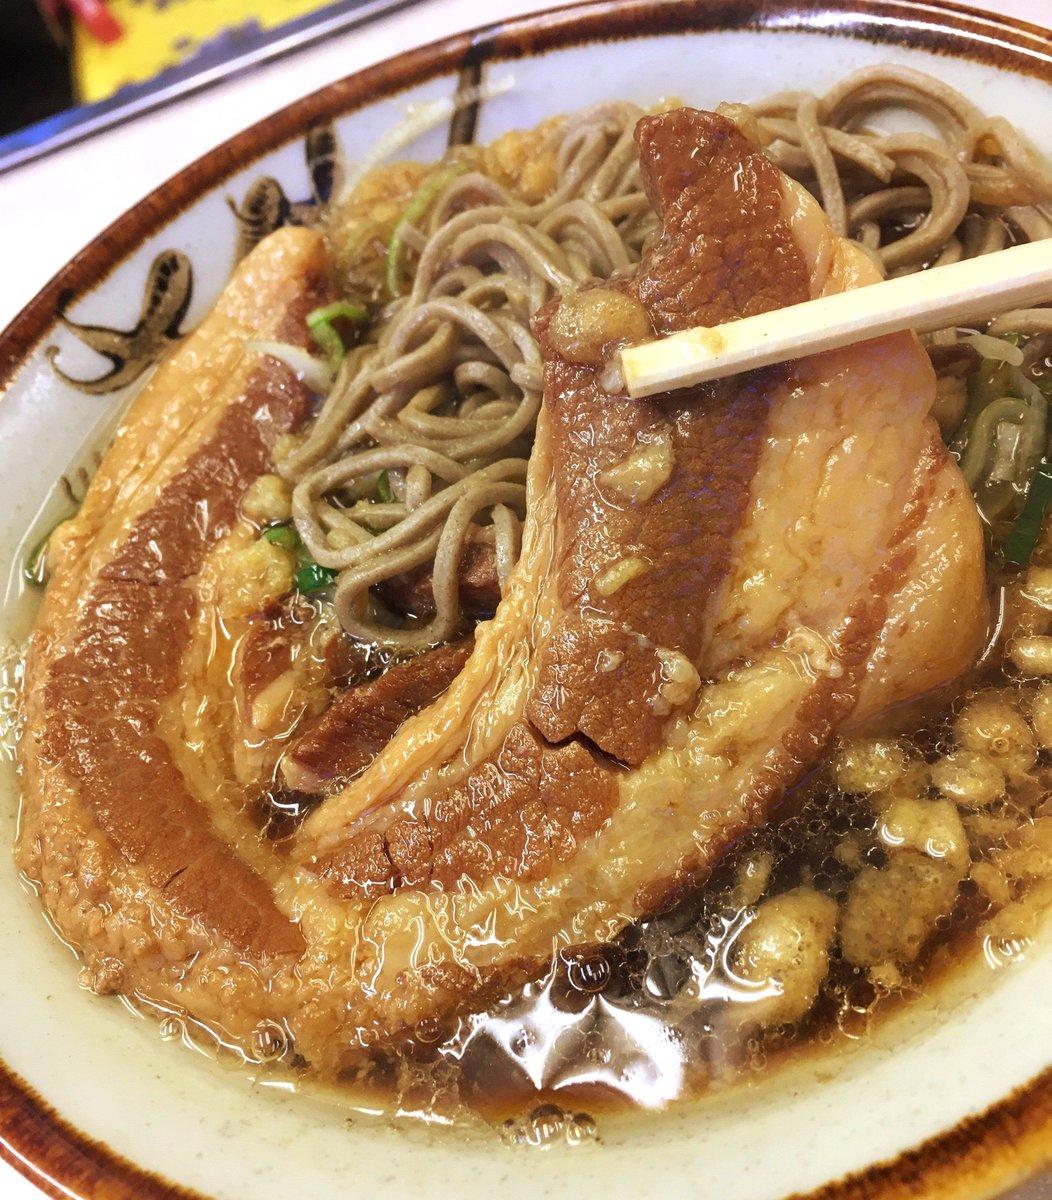 飯田橋にある『豊しま(とよしま)』では、朝6時半からガッツリ、厚肉そばが食べられます!濃いめの出汁のおそばに、巨大な煮豚の甘辛い味付け・・・身体に美味しさが染み渡る~!⇒ #メシコレ